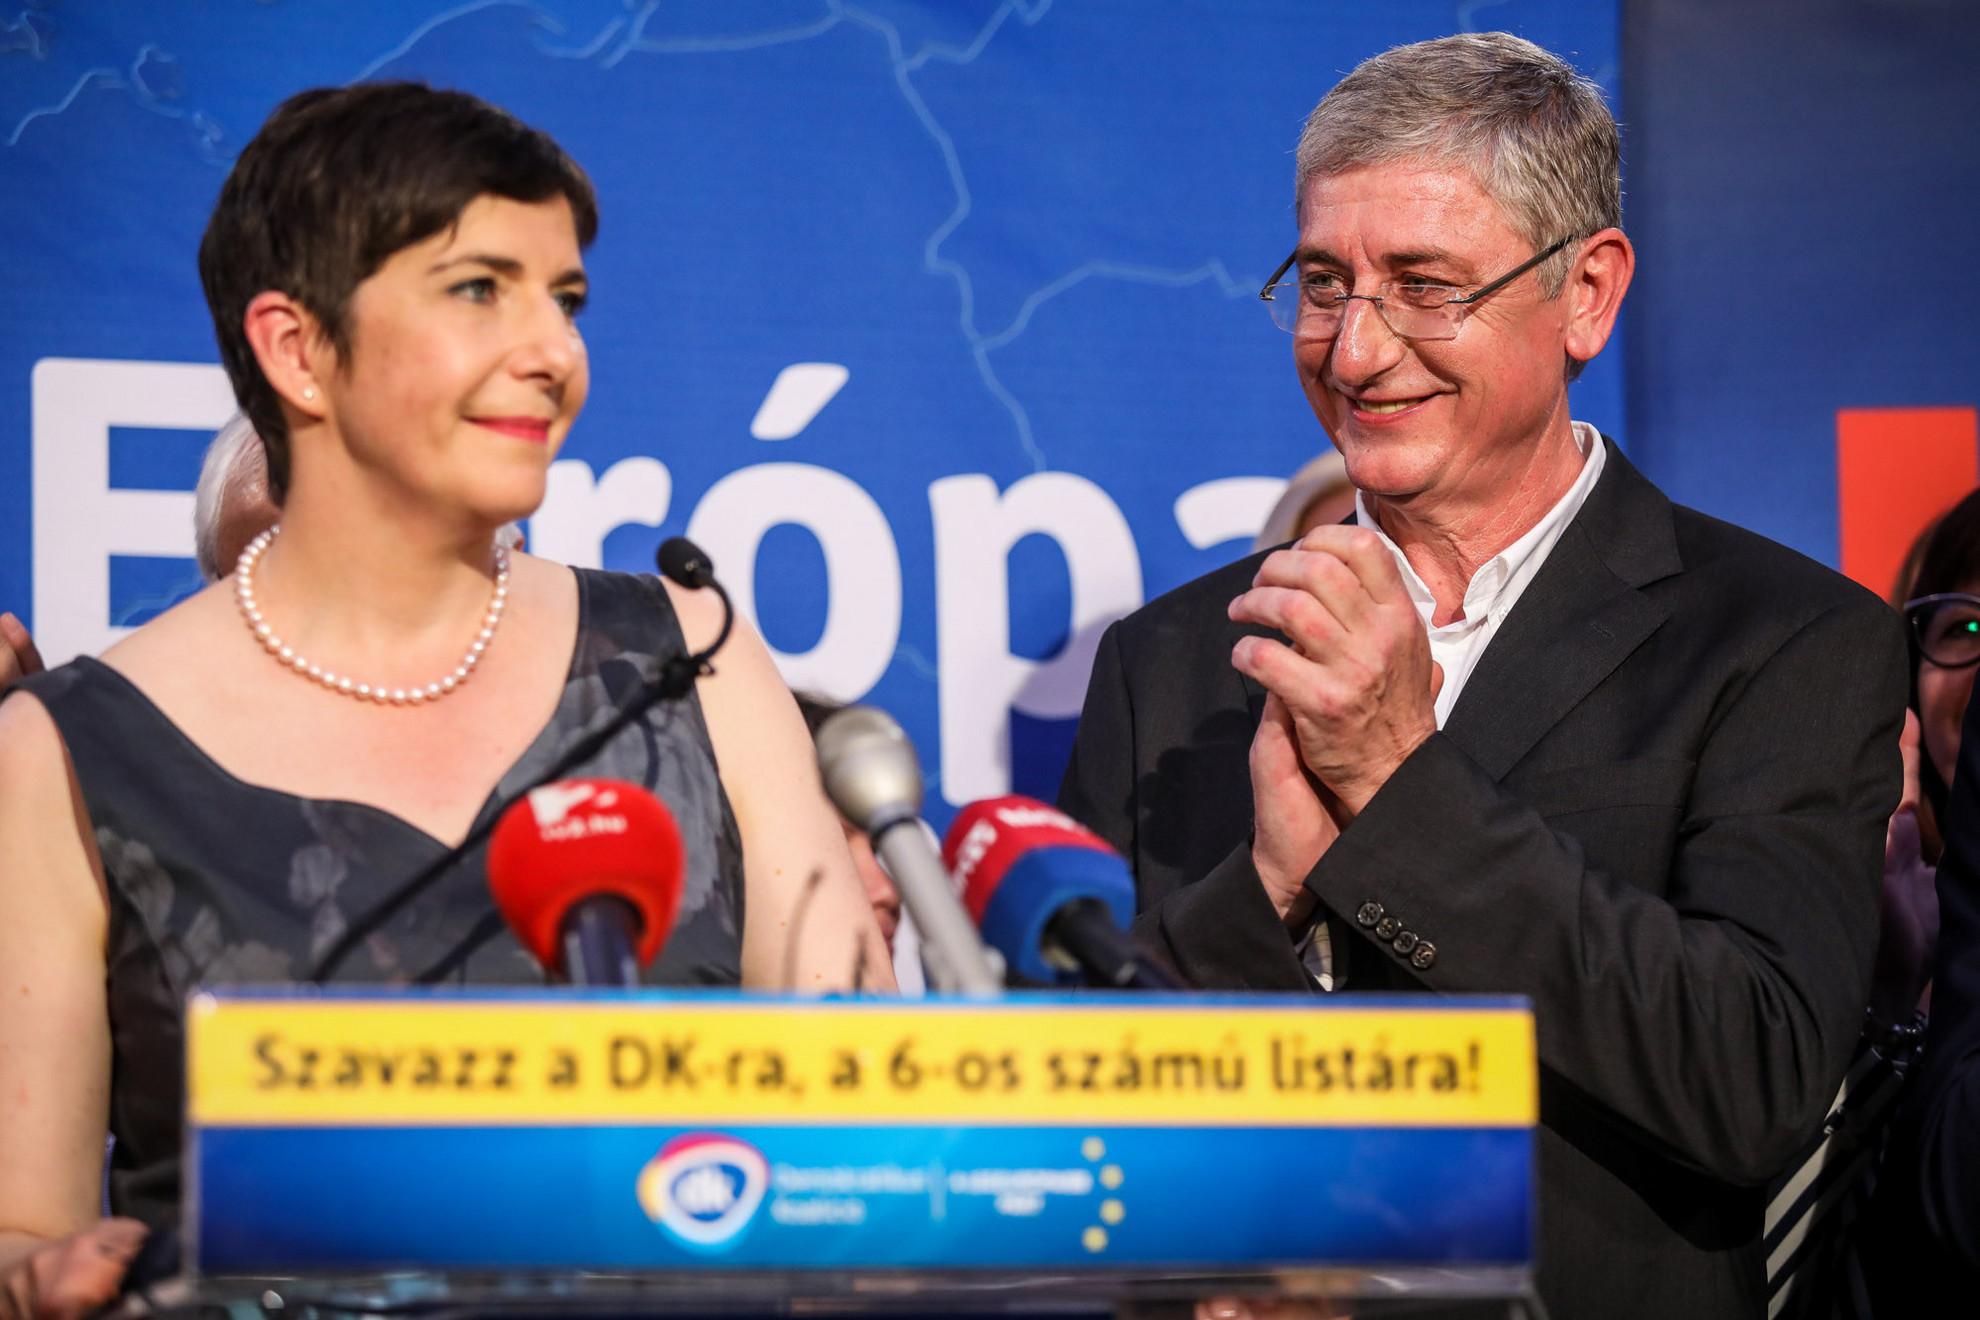 Végrehajtott terv. Dobrev Klára, Gyurcsány Ferenc felesége kijutott az Európai Parlamentbe, pártja, a Demokratikus Koalíció pedig meglepő módon négy mandátumot szerzett